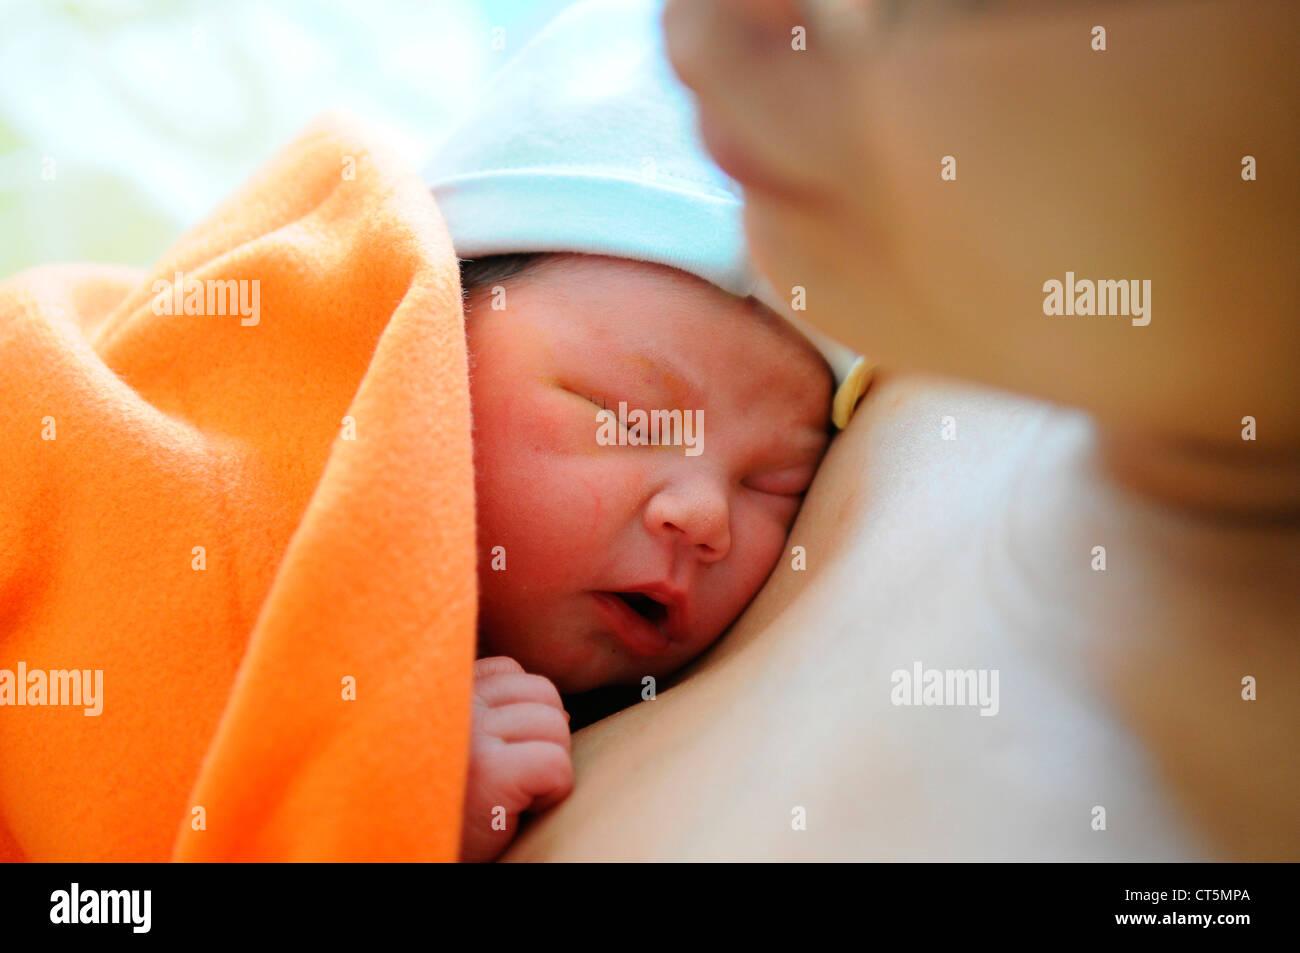 La madre y el recién nacido Imagen De Stock